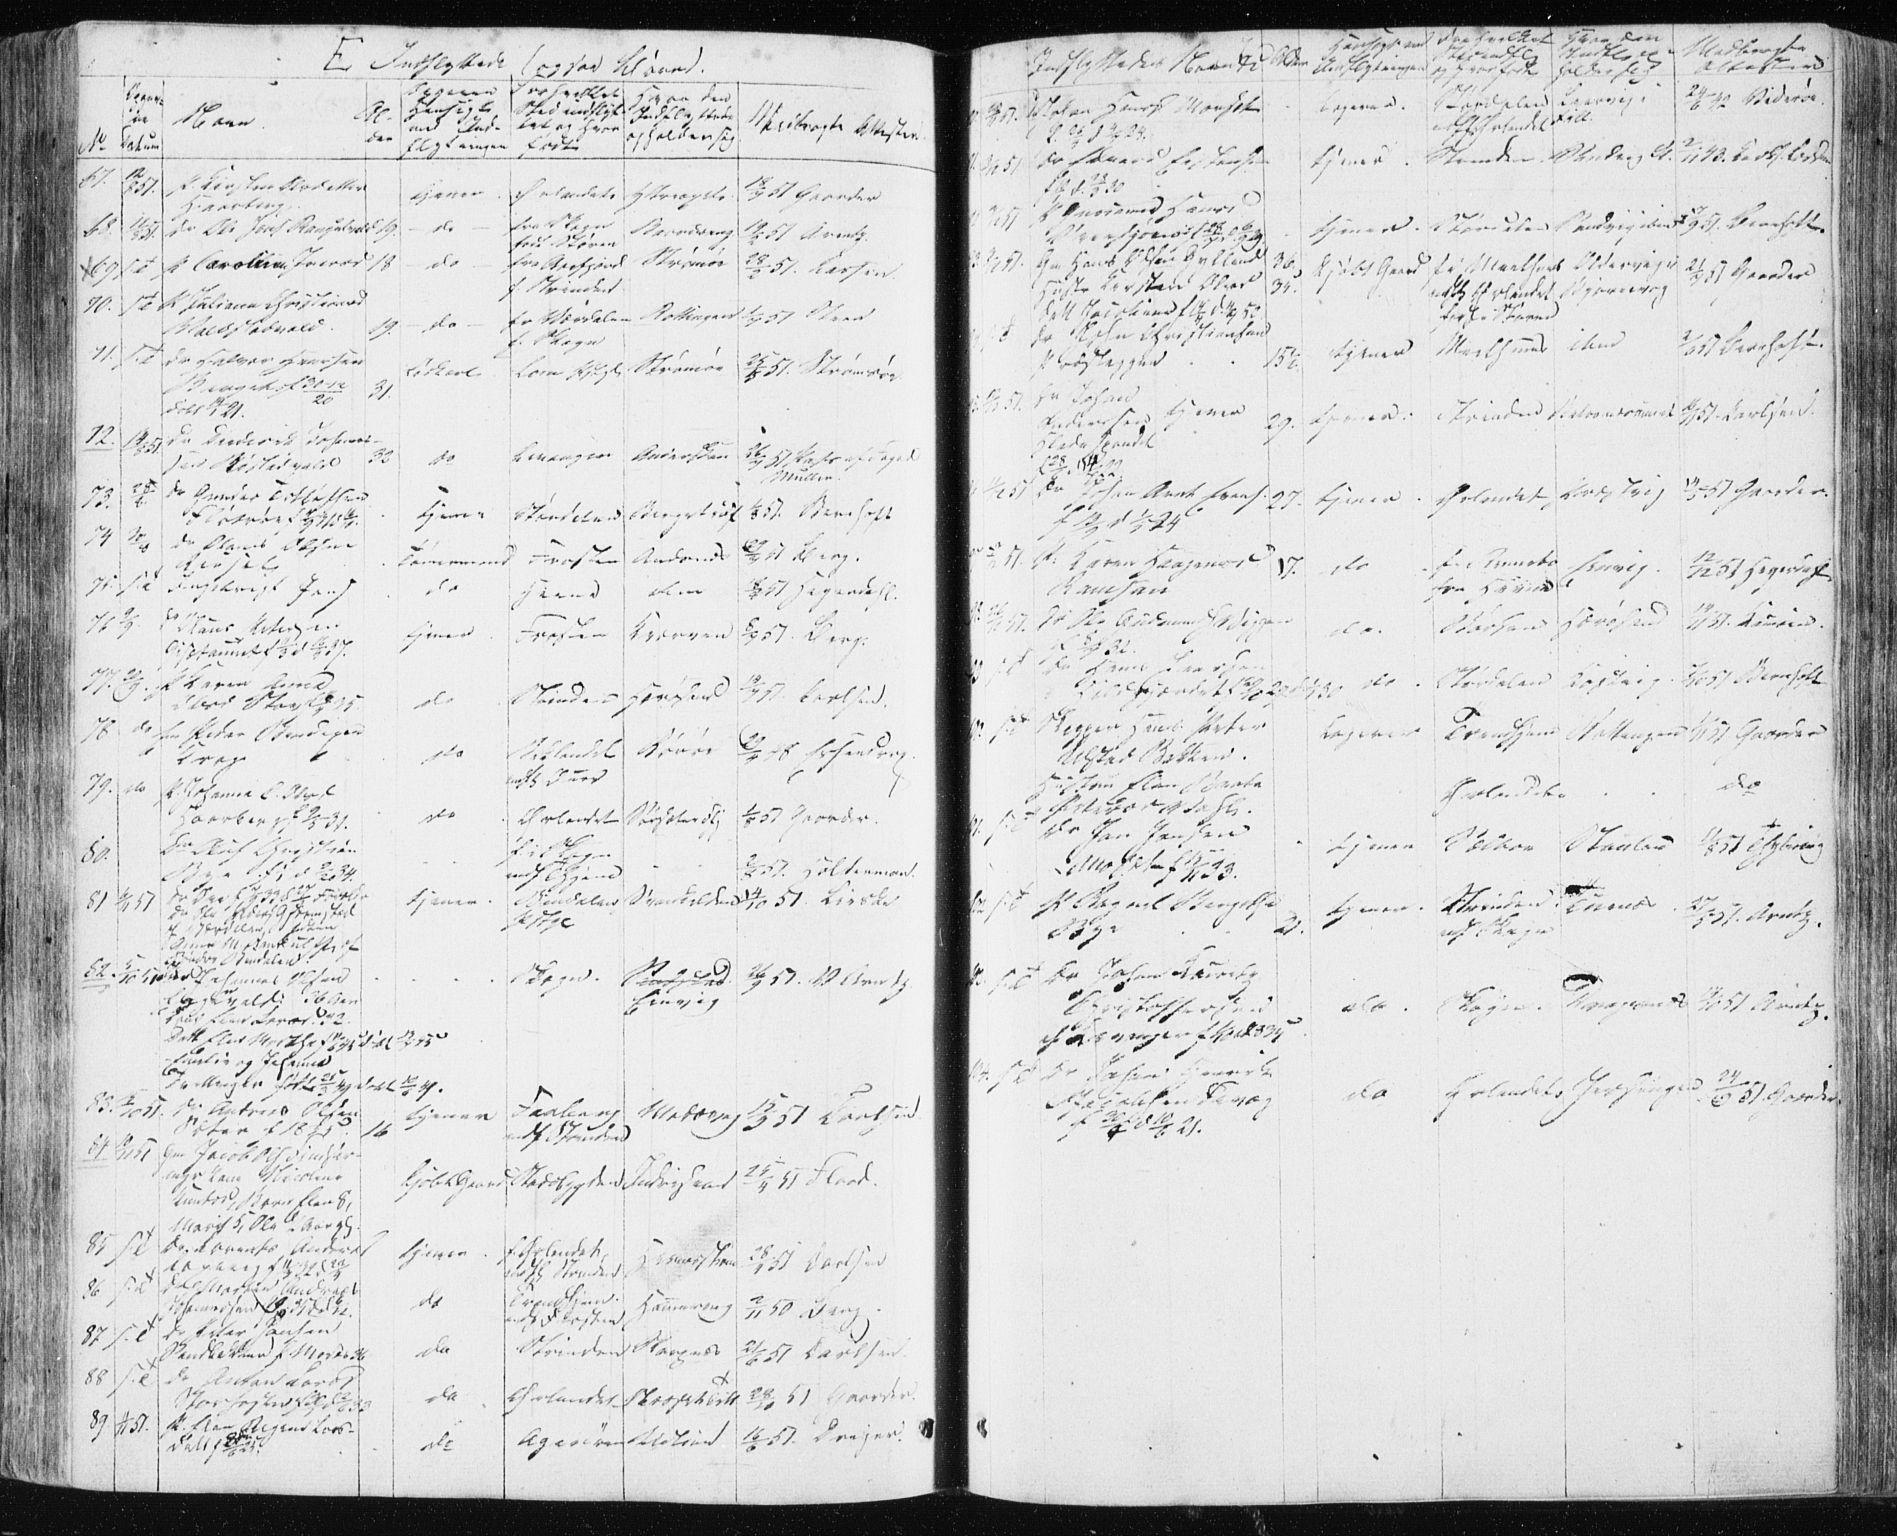 SAT, Ministerialprotokoller, klokkerbøker og fødselsregistre - Sør-Trøndelag, 634/L0529: Ministerialbok nr. 634A05, 1843-1851